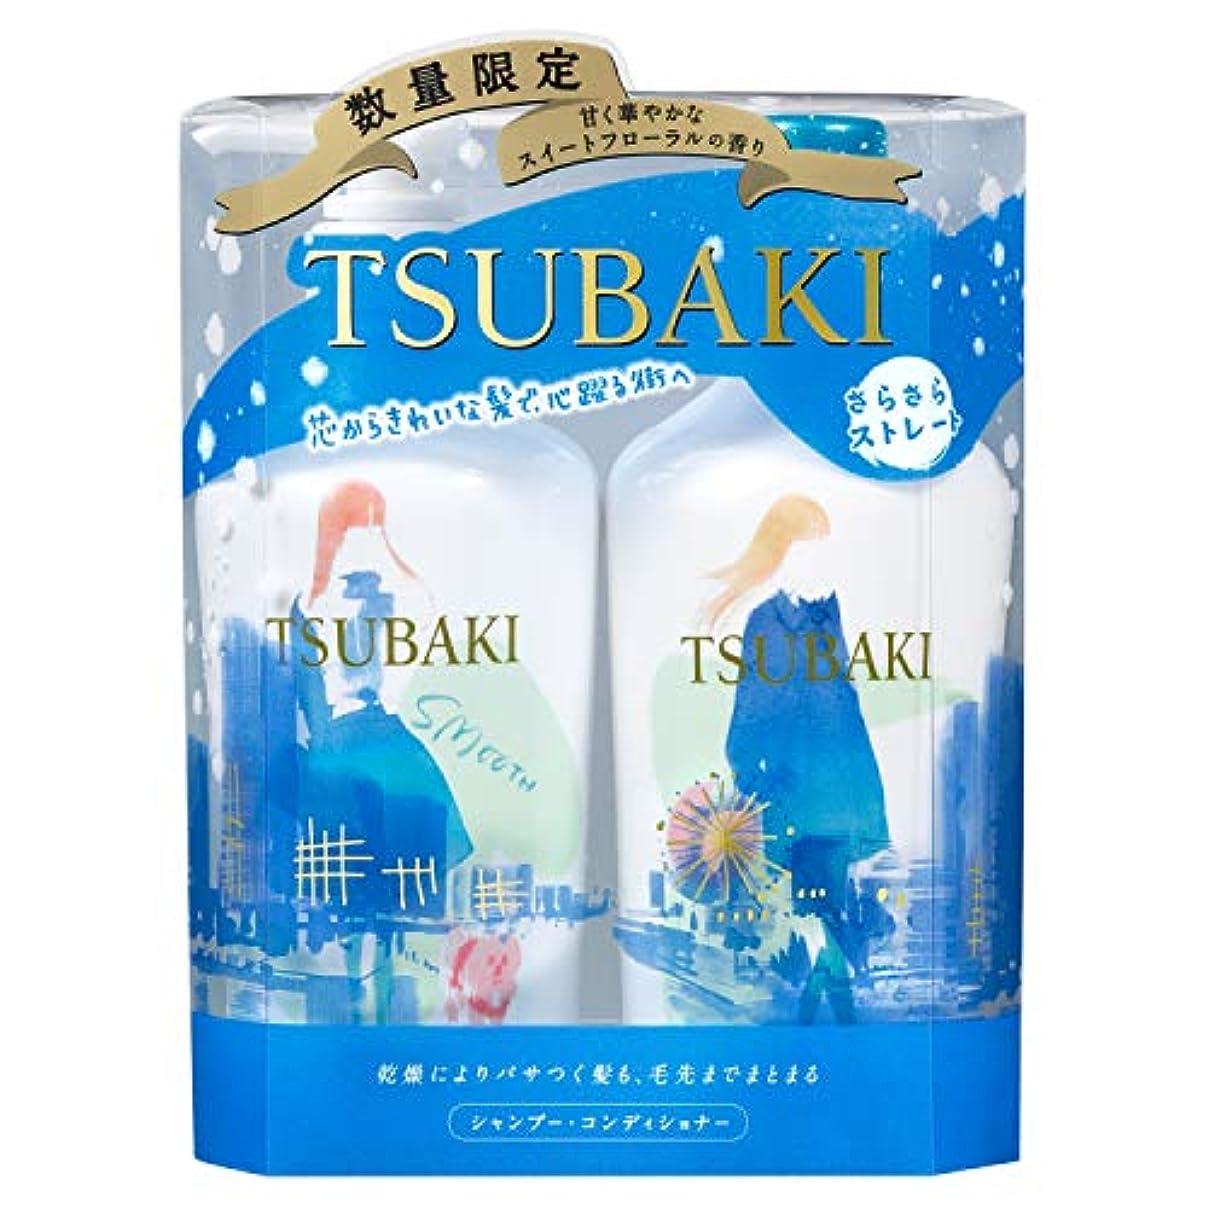 四半期判決守るツバキ (TSUBAKI) さらさらストレート ウィンターポンプペア (シャンプー&コンディショナー)